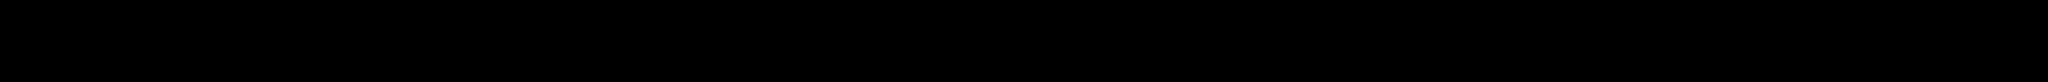 HELLA 46 41 70 10, 46 48 03 62, 46 48 03 620, 58 94 58 6, 71 71 16 38 Запалителна свещ